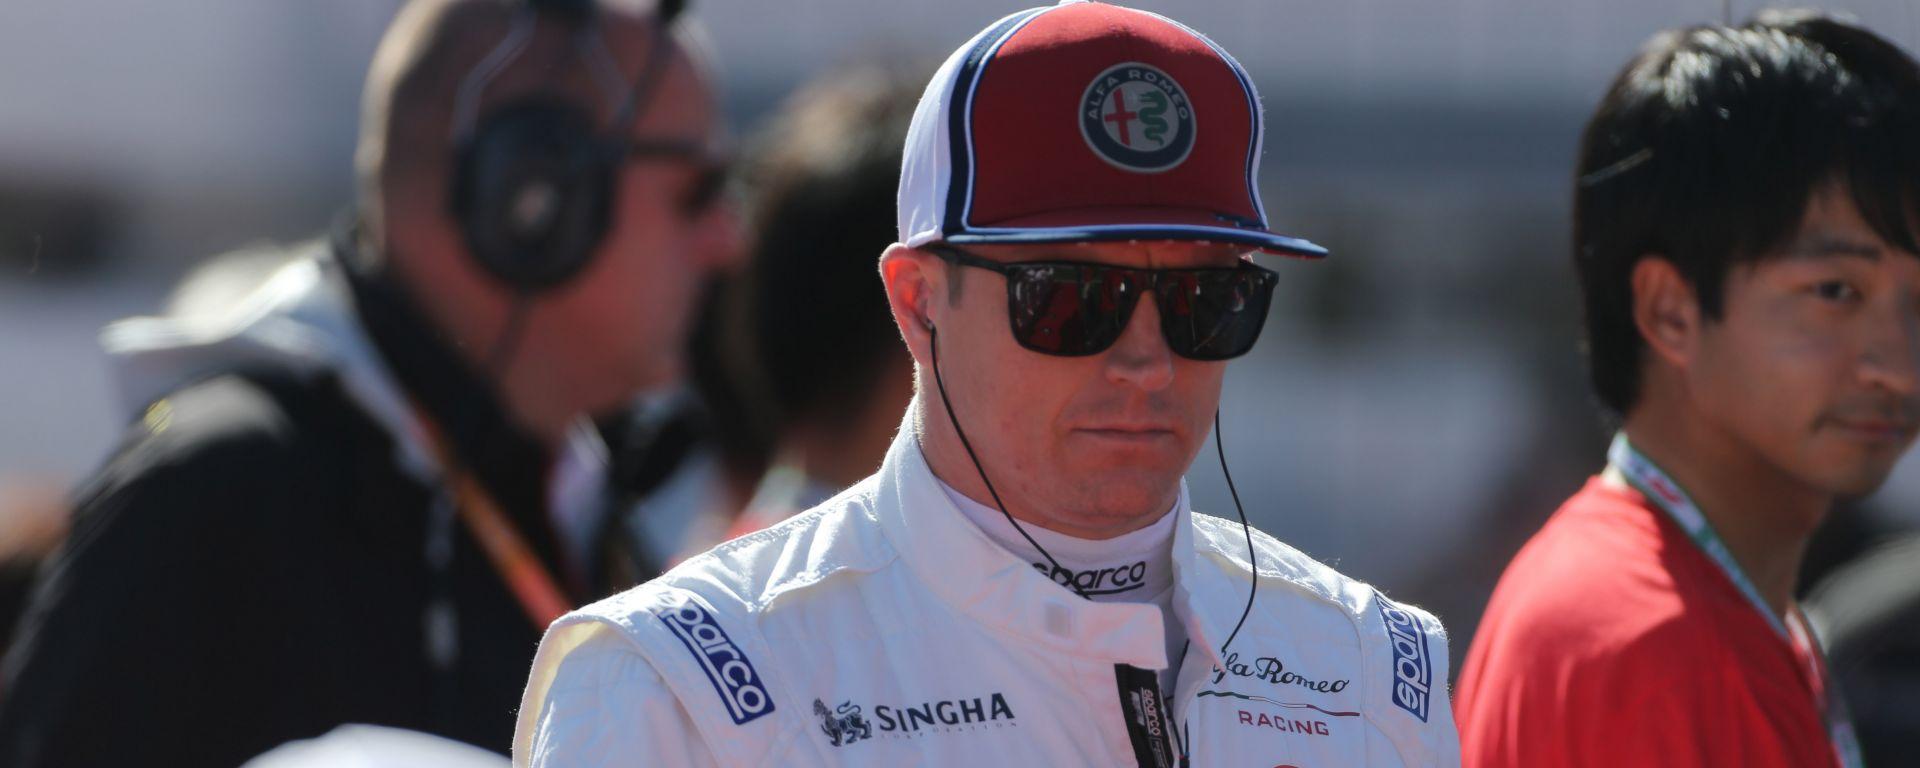 F1 2019: Kimi Raikkonen (Alfa Romeo)